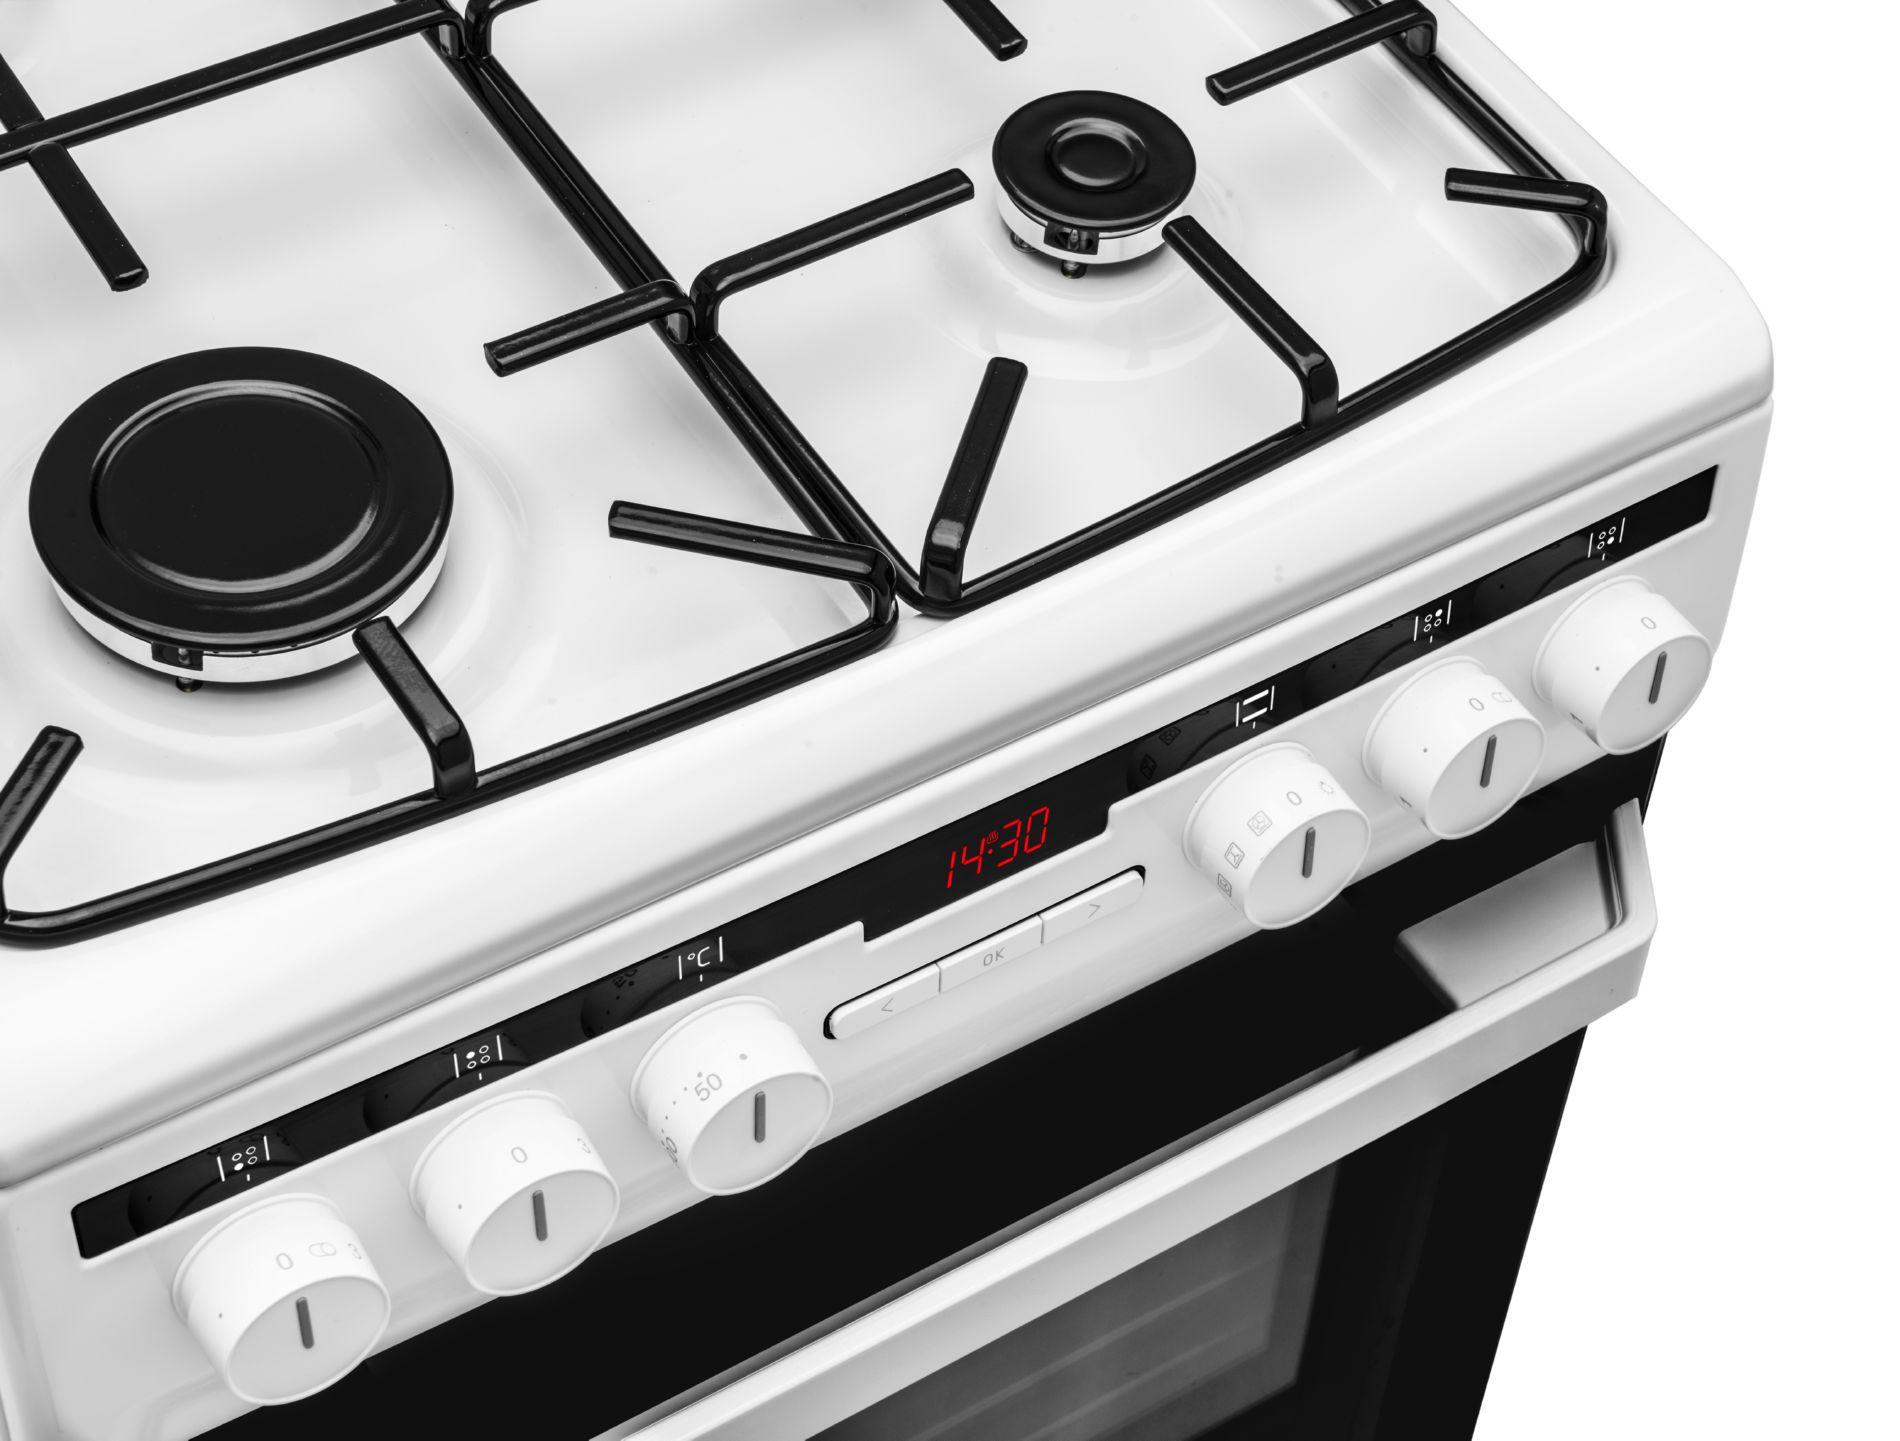 Kuchnia wolnostojąca gazowo elektryczna 58GED2 33HZpTaQ(W   -> Kuchnia Amica Drzwi